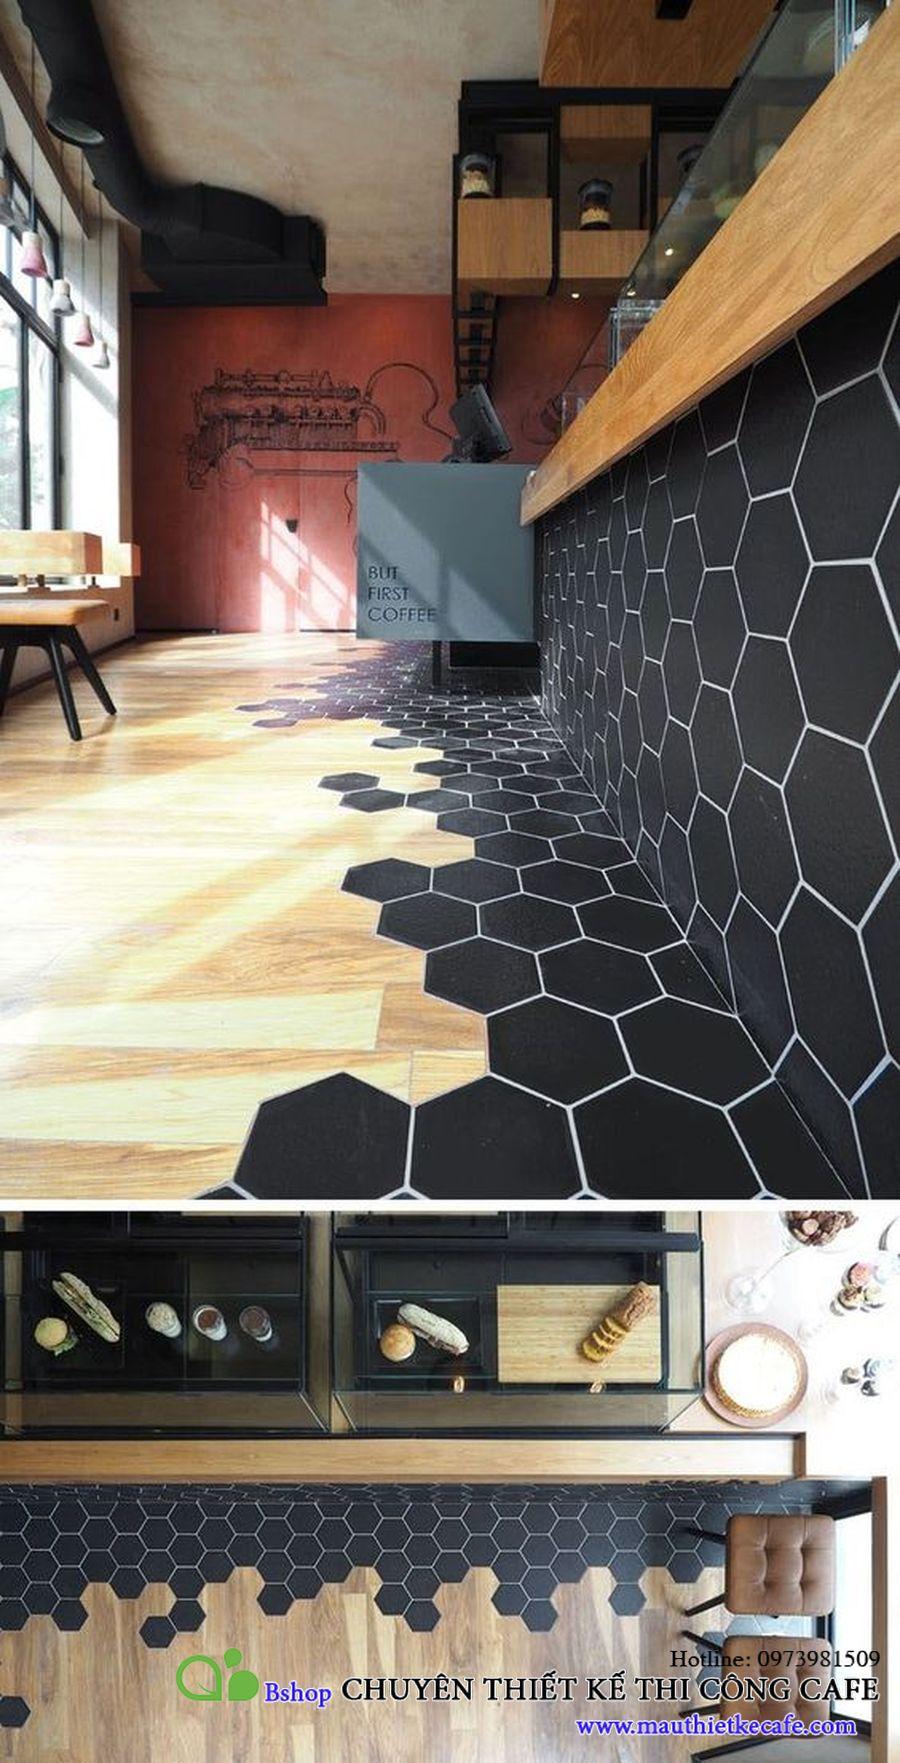 tranh-tuong-cafe (14)_mauthietkecafe.com